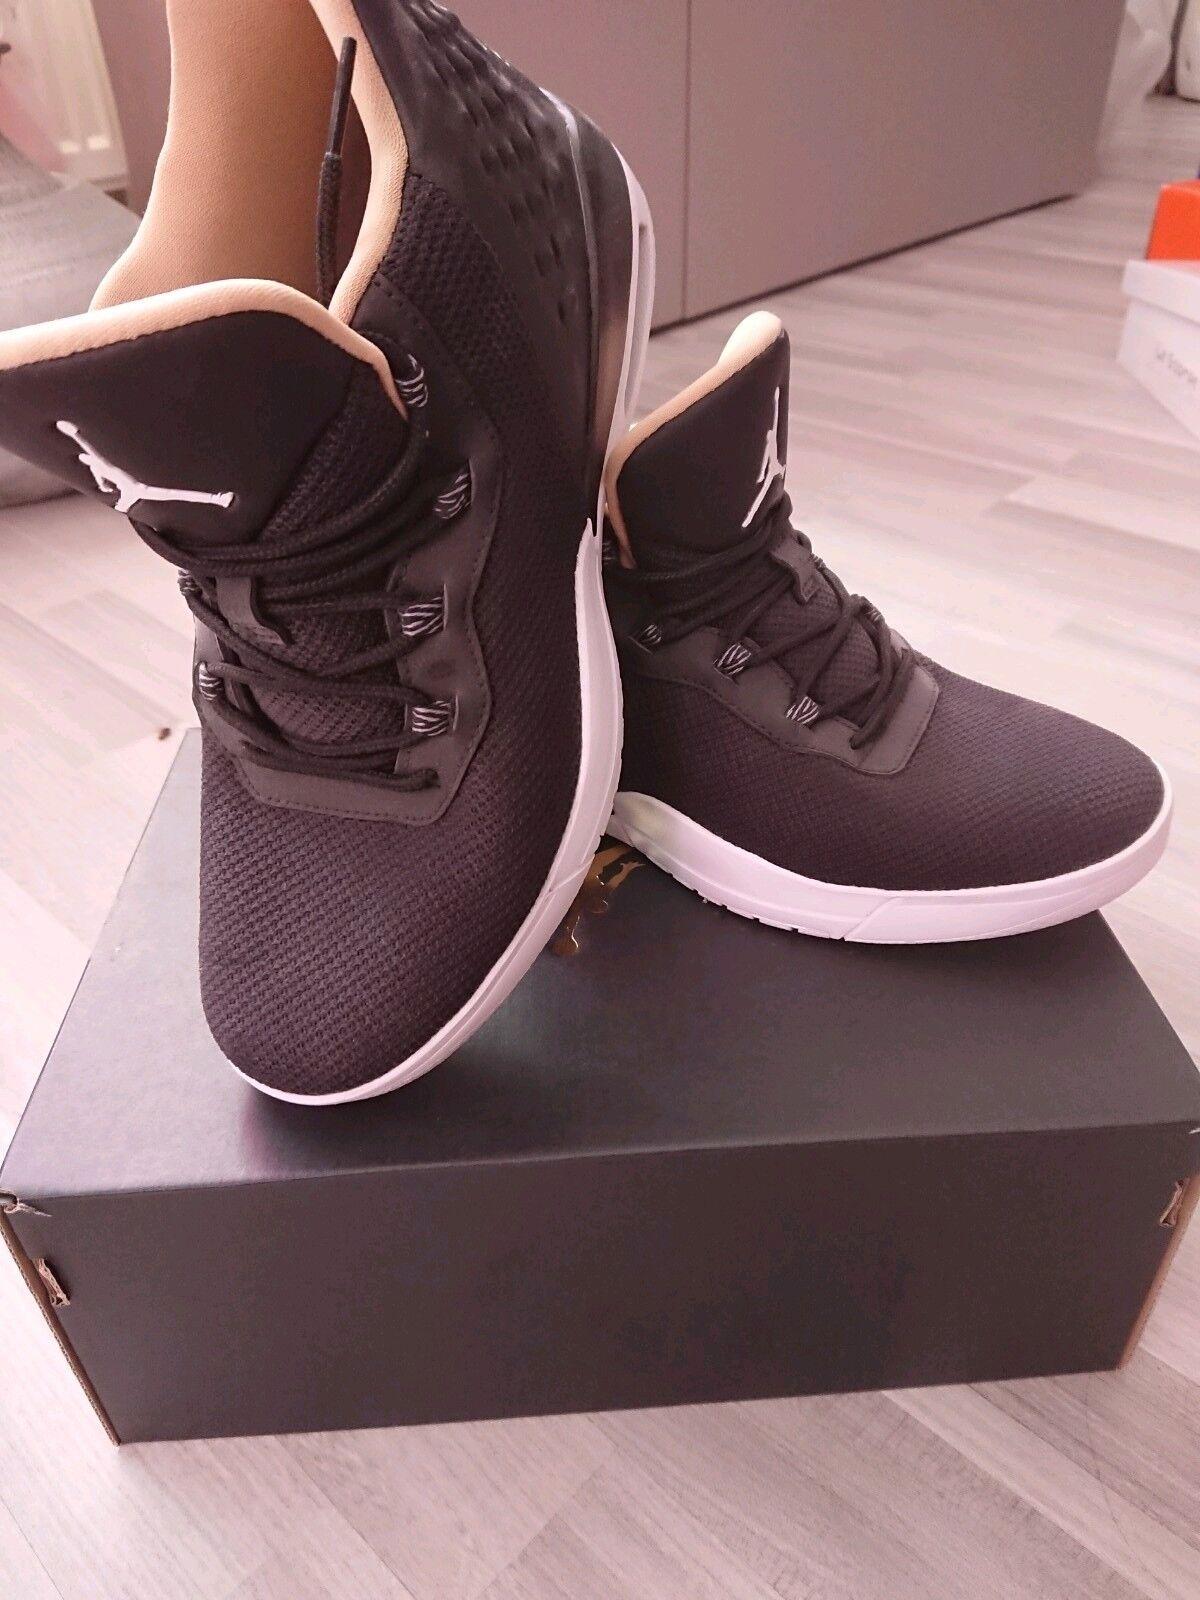 Nike Jordan academy BG Größe 39 wie neu